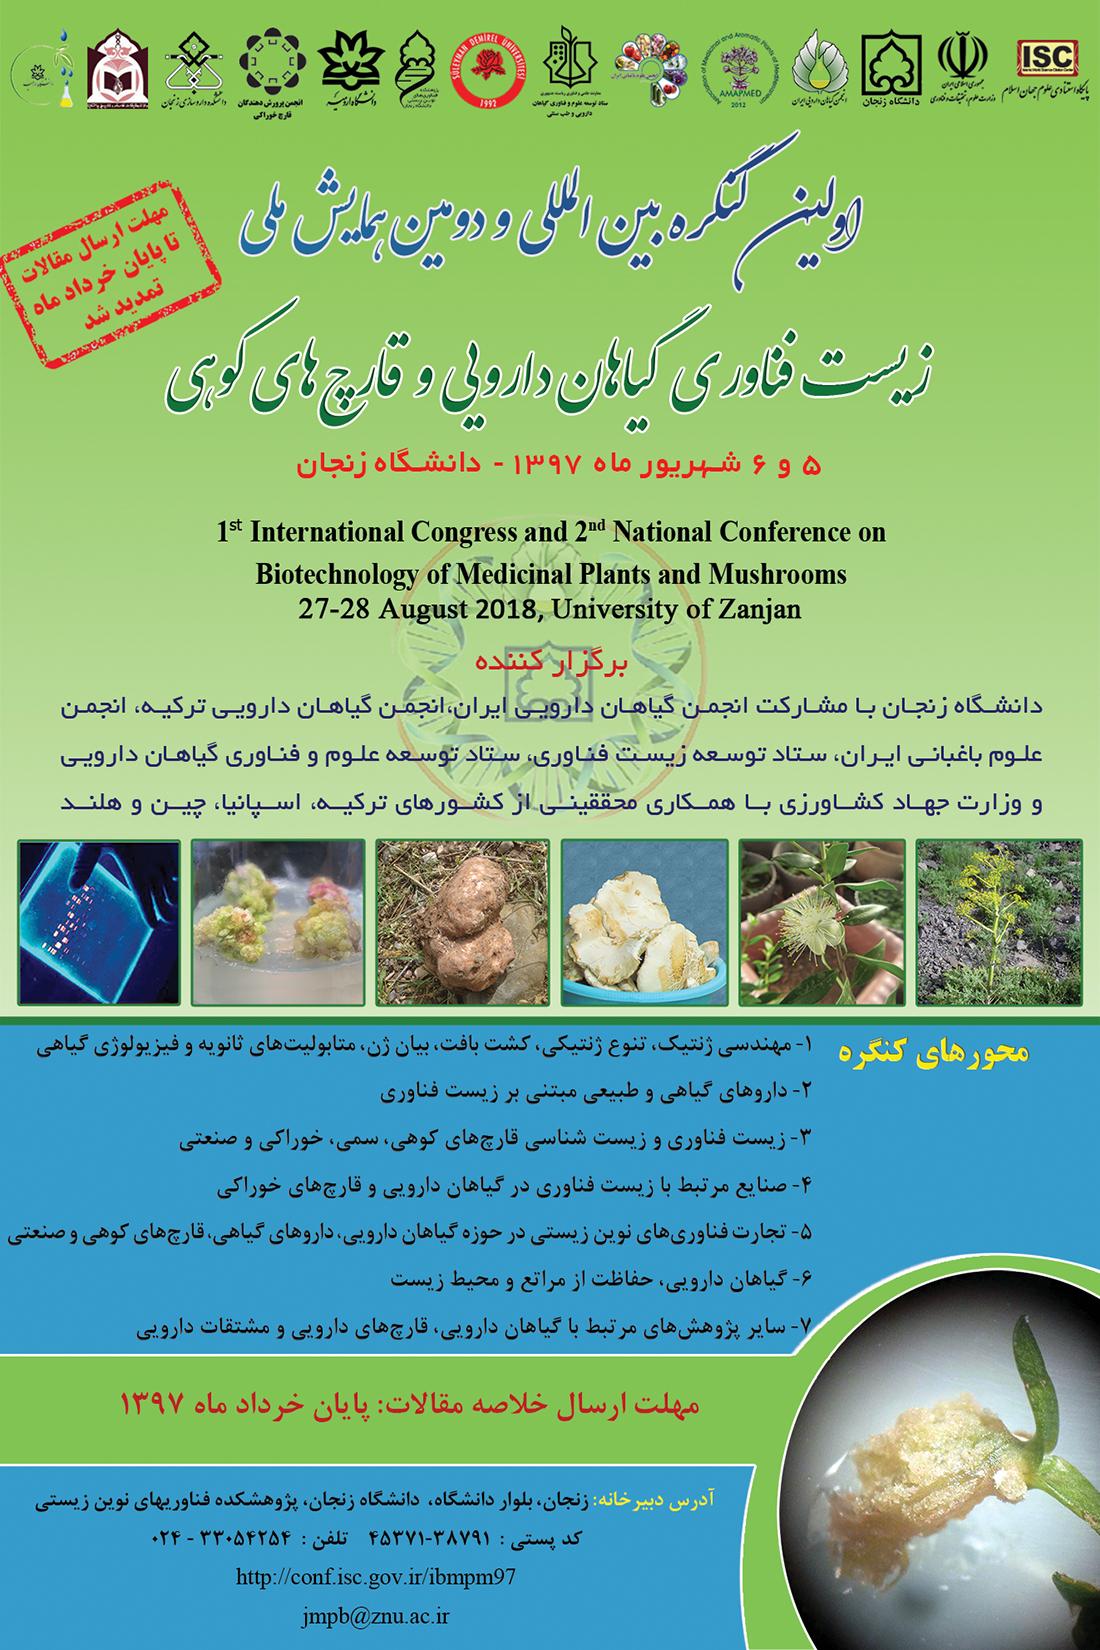 اولین کنگره بینالمللی و دومین کنفرانس ملی زیست فناوری گیاهان دارویی و قارچهای کوهی ایران